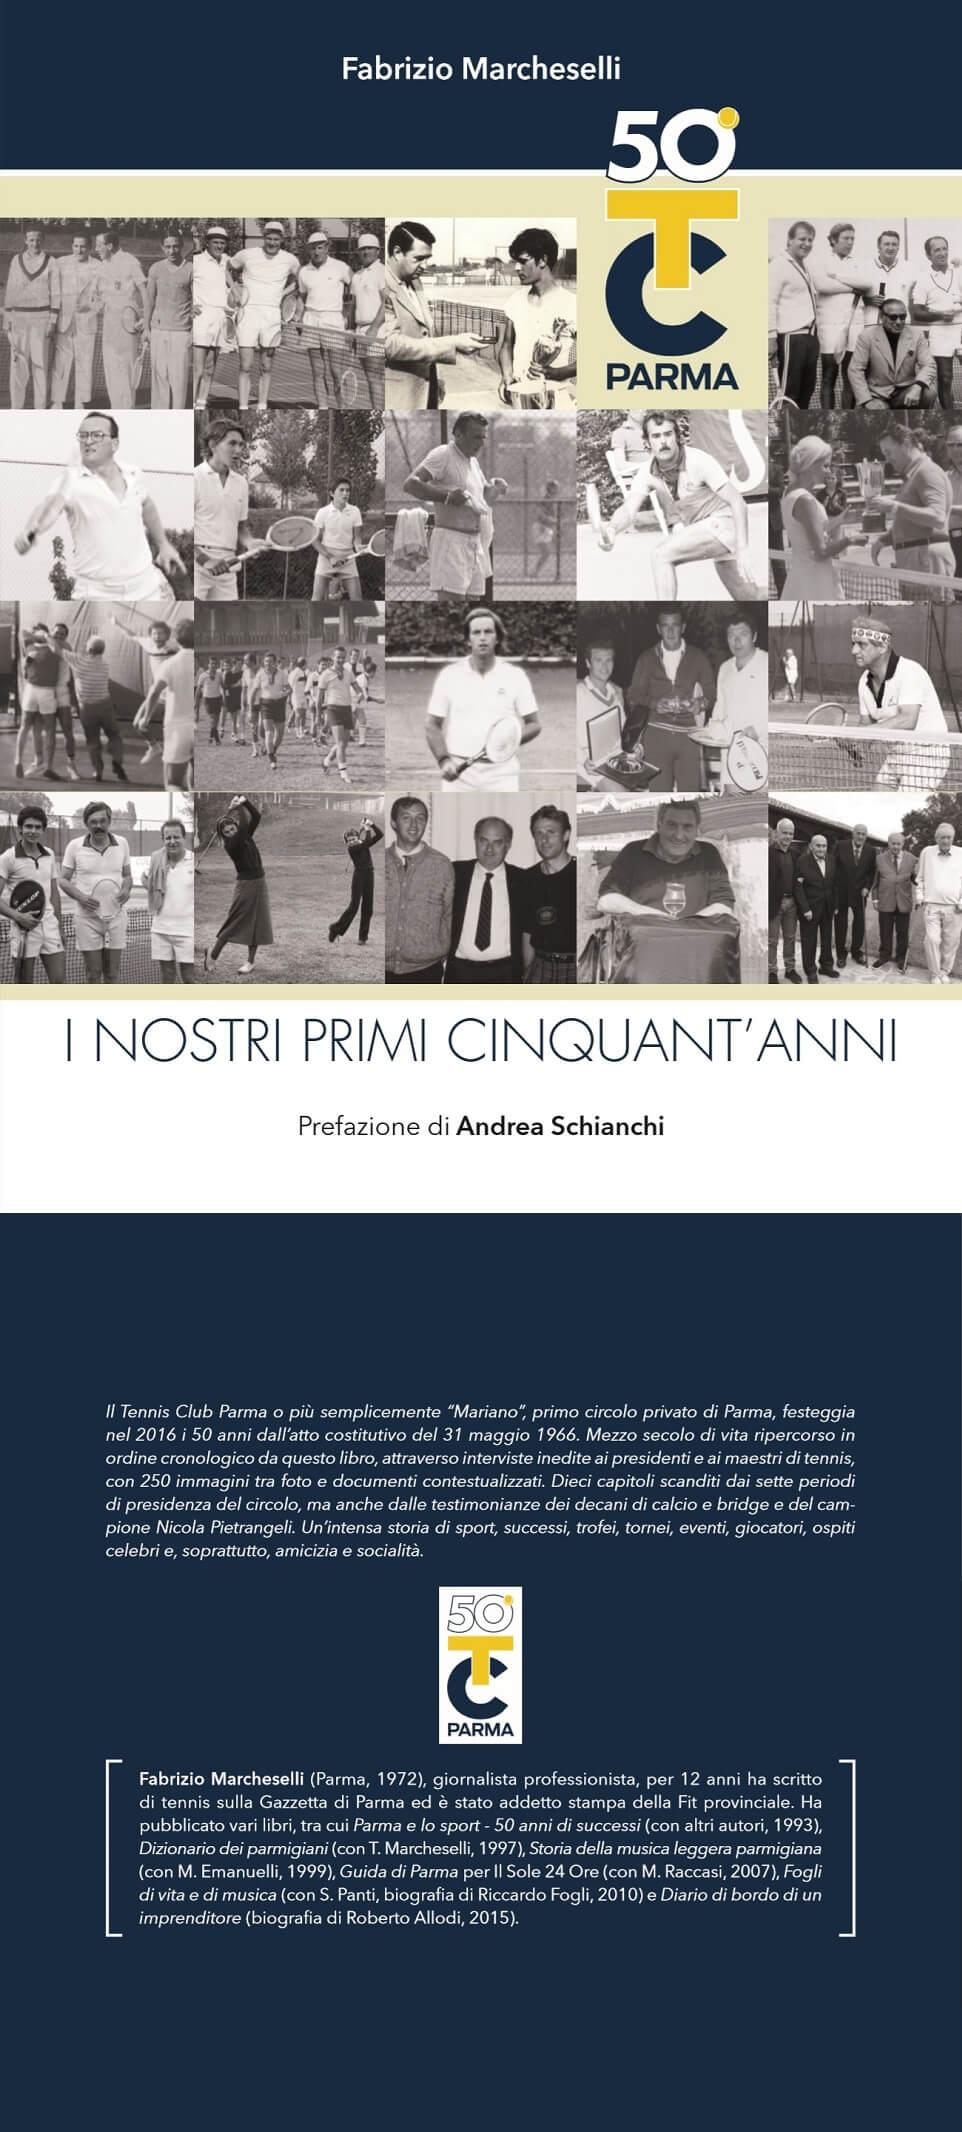 «50º Tc Parma - I nostri primi cinquant'anni»